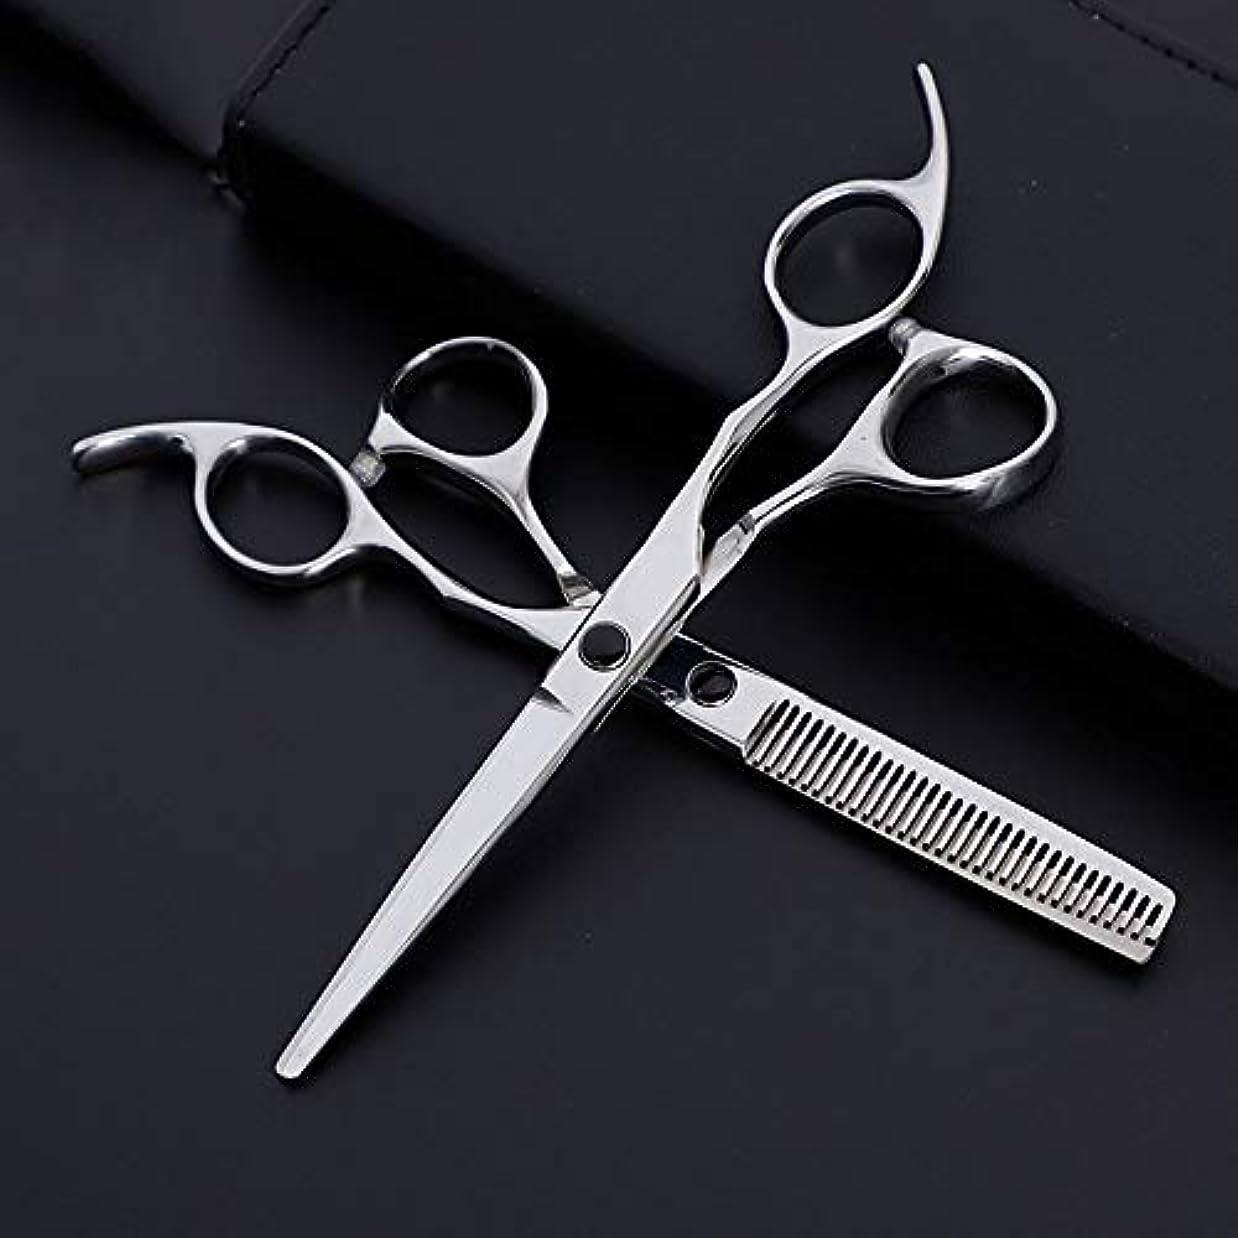 単語納屋見せます6インチ美容院プロフェッショナル理髪セット理髪はさみセット ヘアケア (色 : Silver)